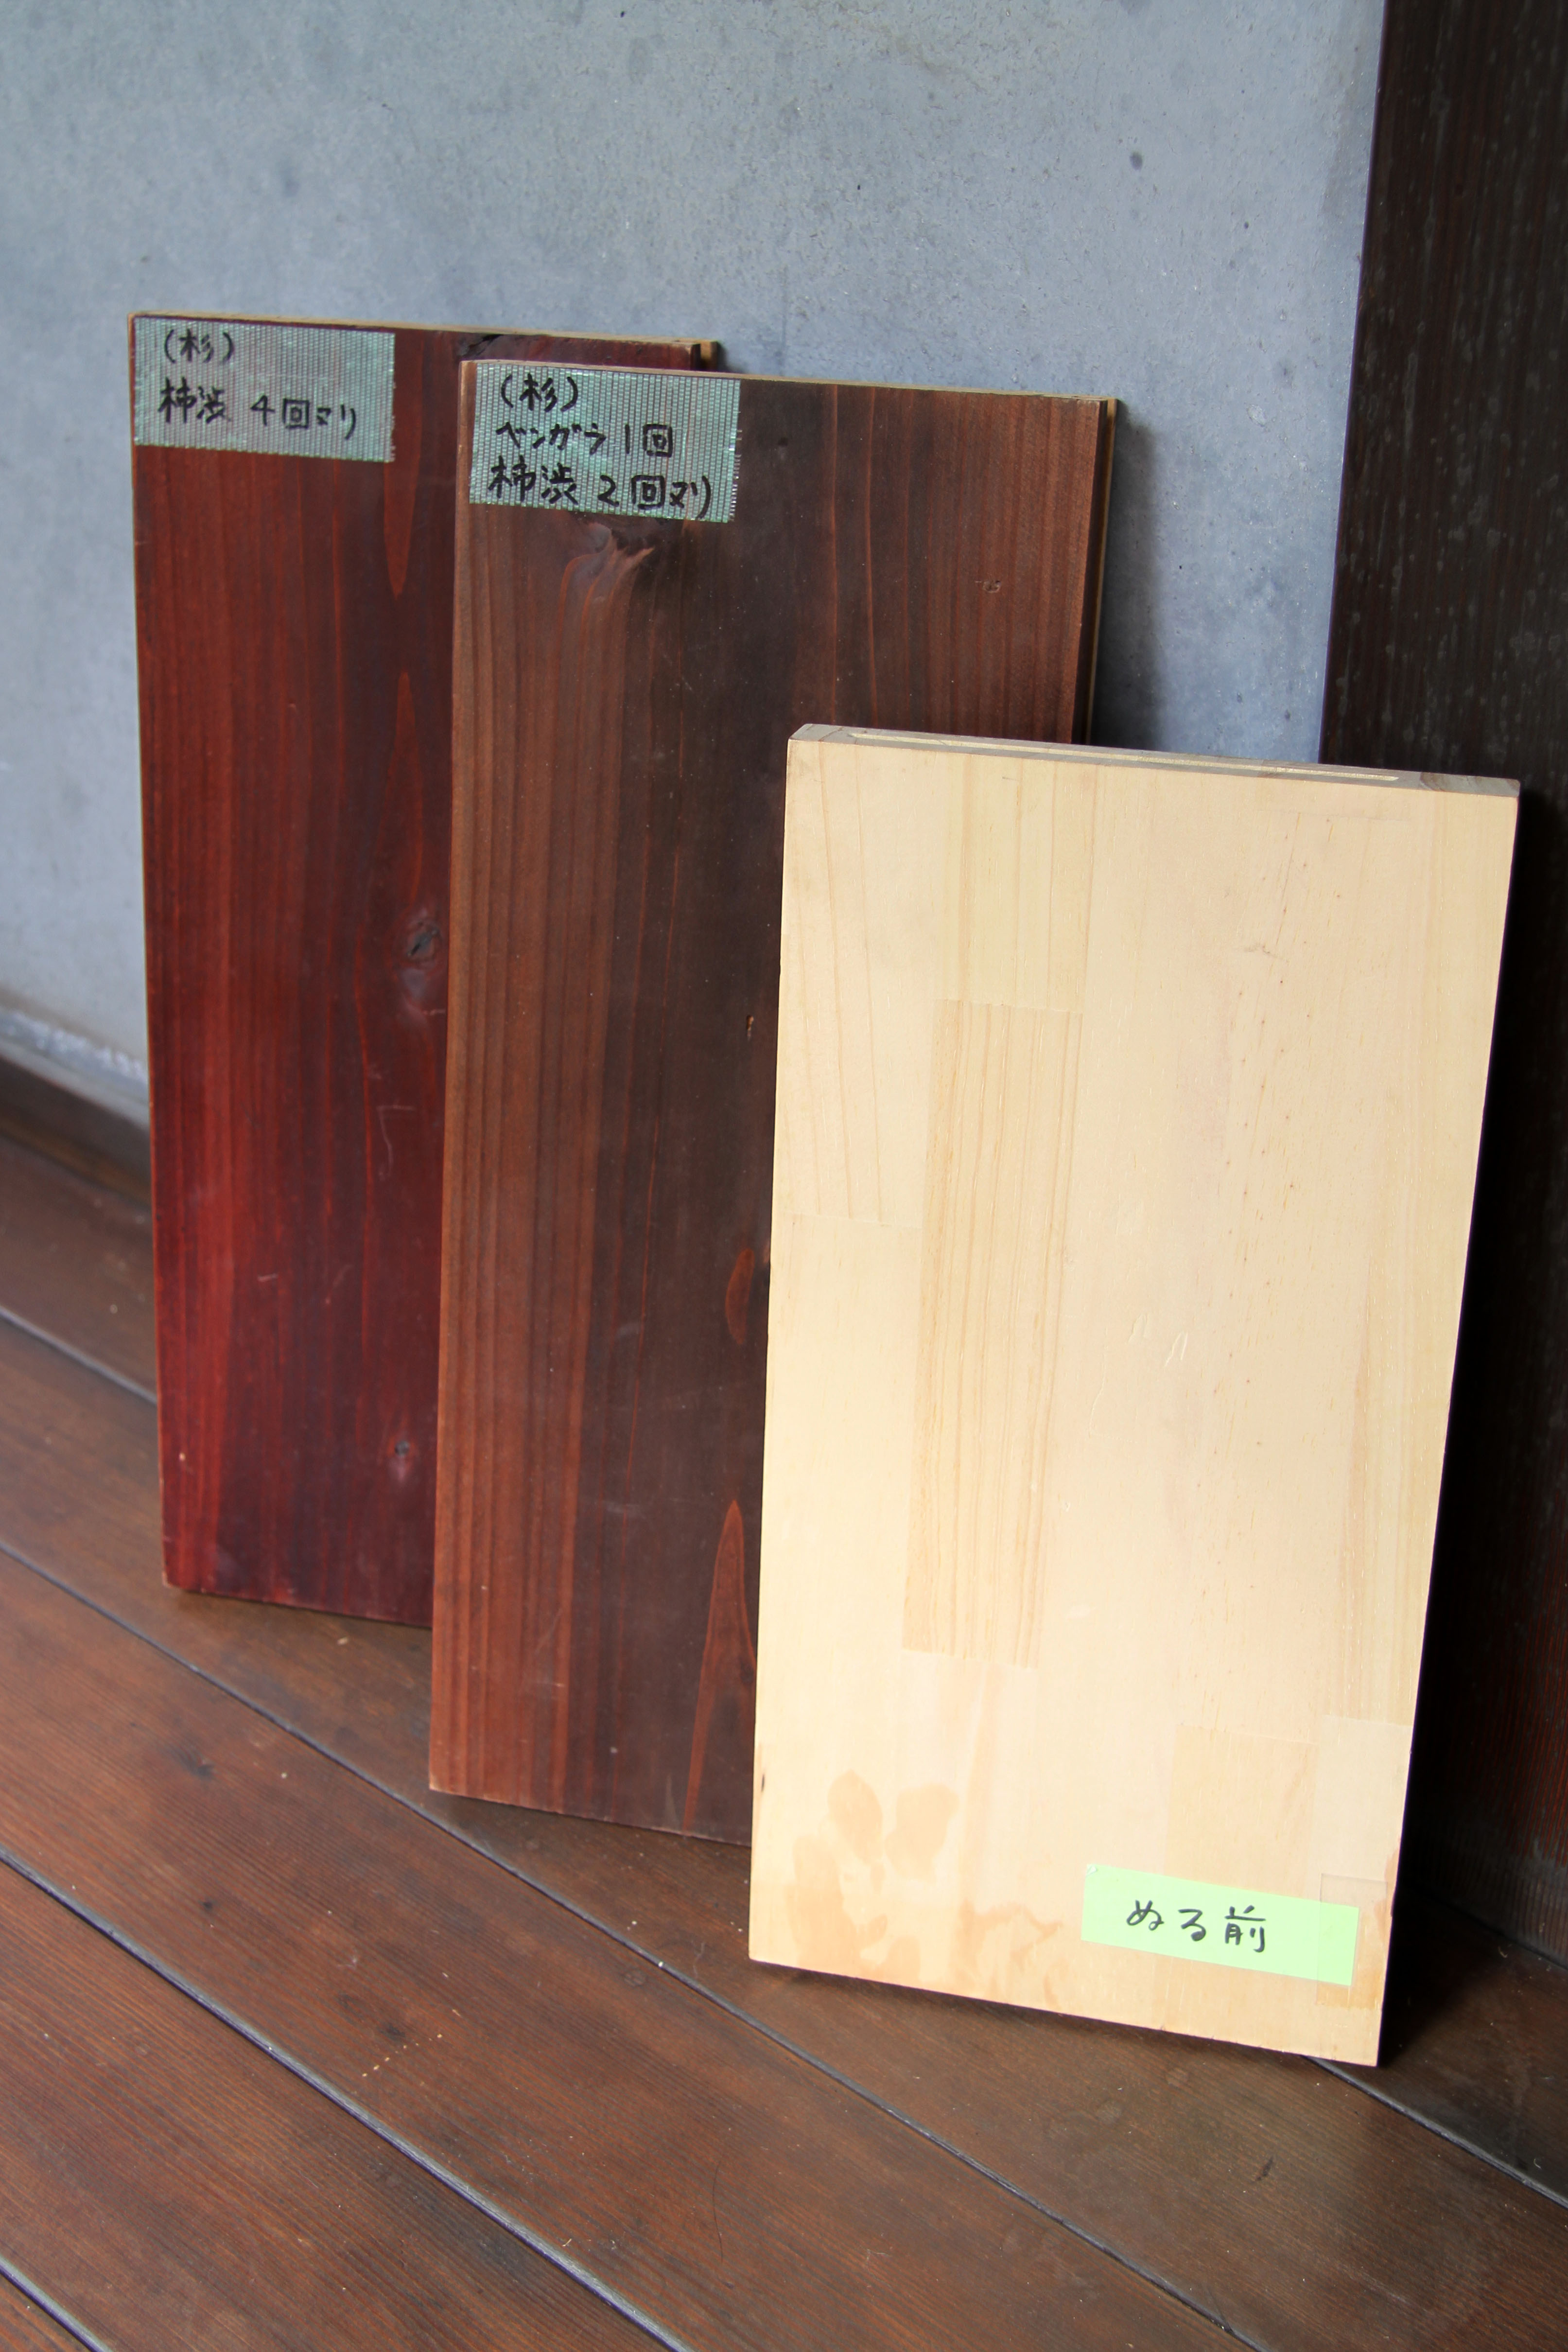 木材に備後渋を塗ることで、防腐・防虫効果が期待できます